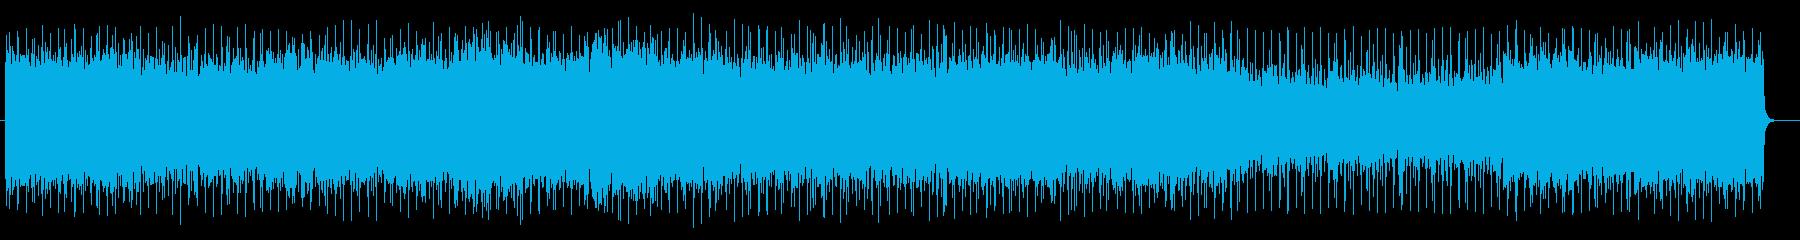 躍動感あるテクニカルなエレキサウンドの再生済みの波形